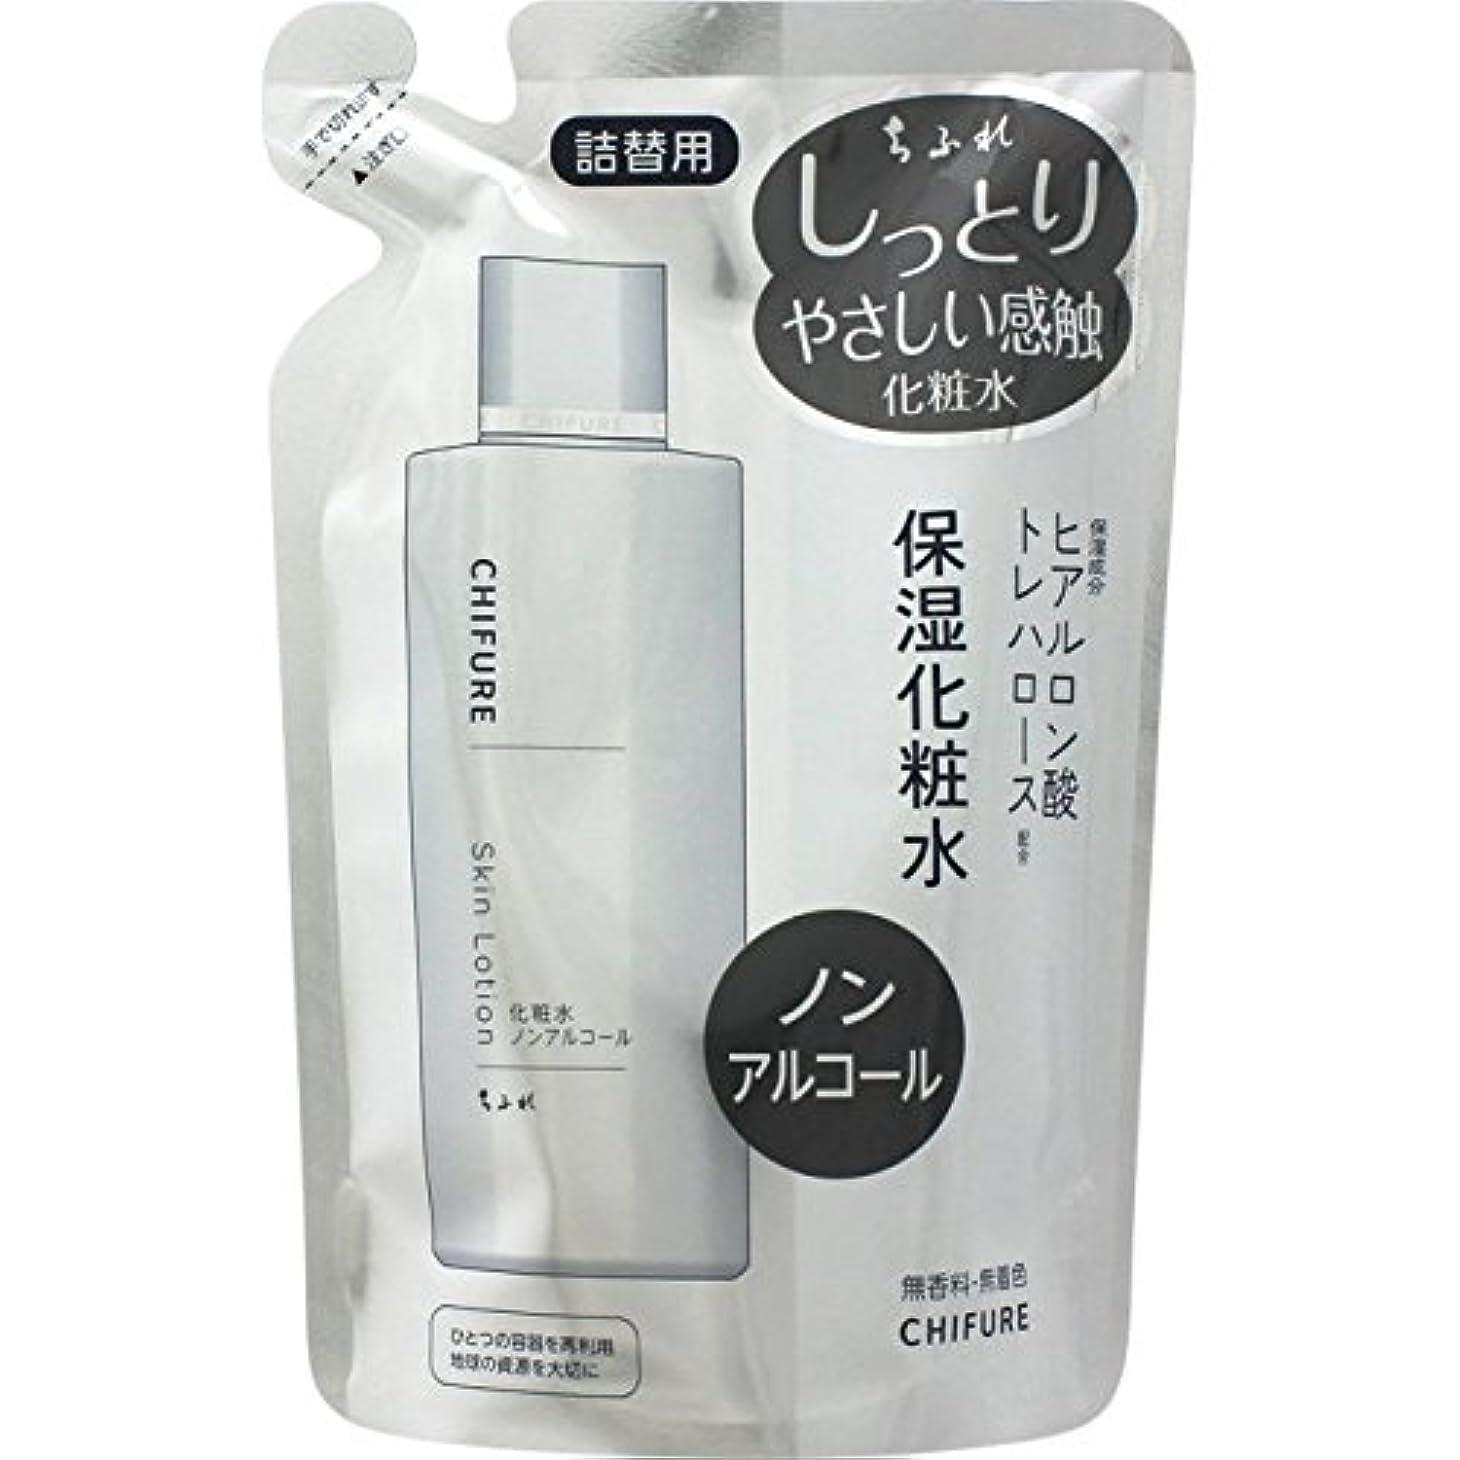 好きである論文はいちふれ化粧品 化粧水Nノンアルコールタイプ詰替用 150ml 150ML